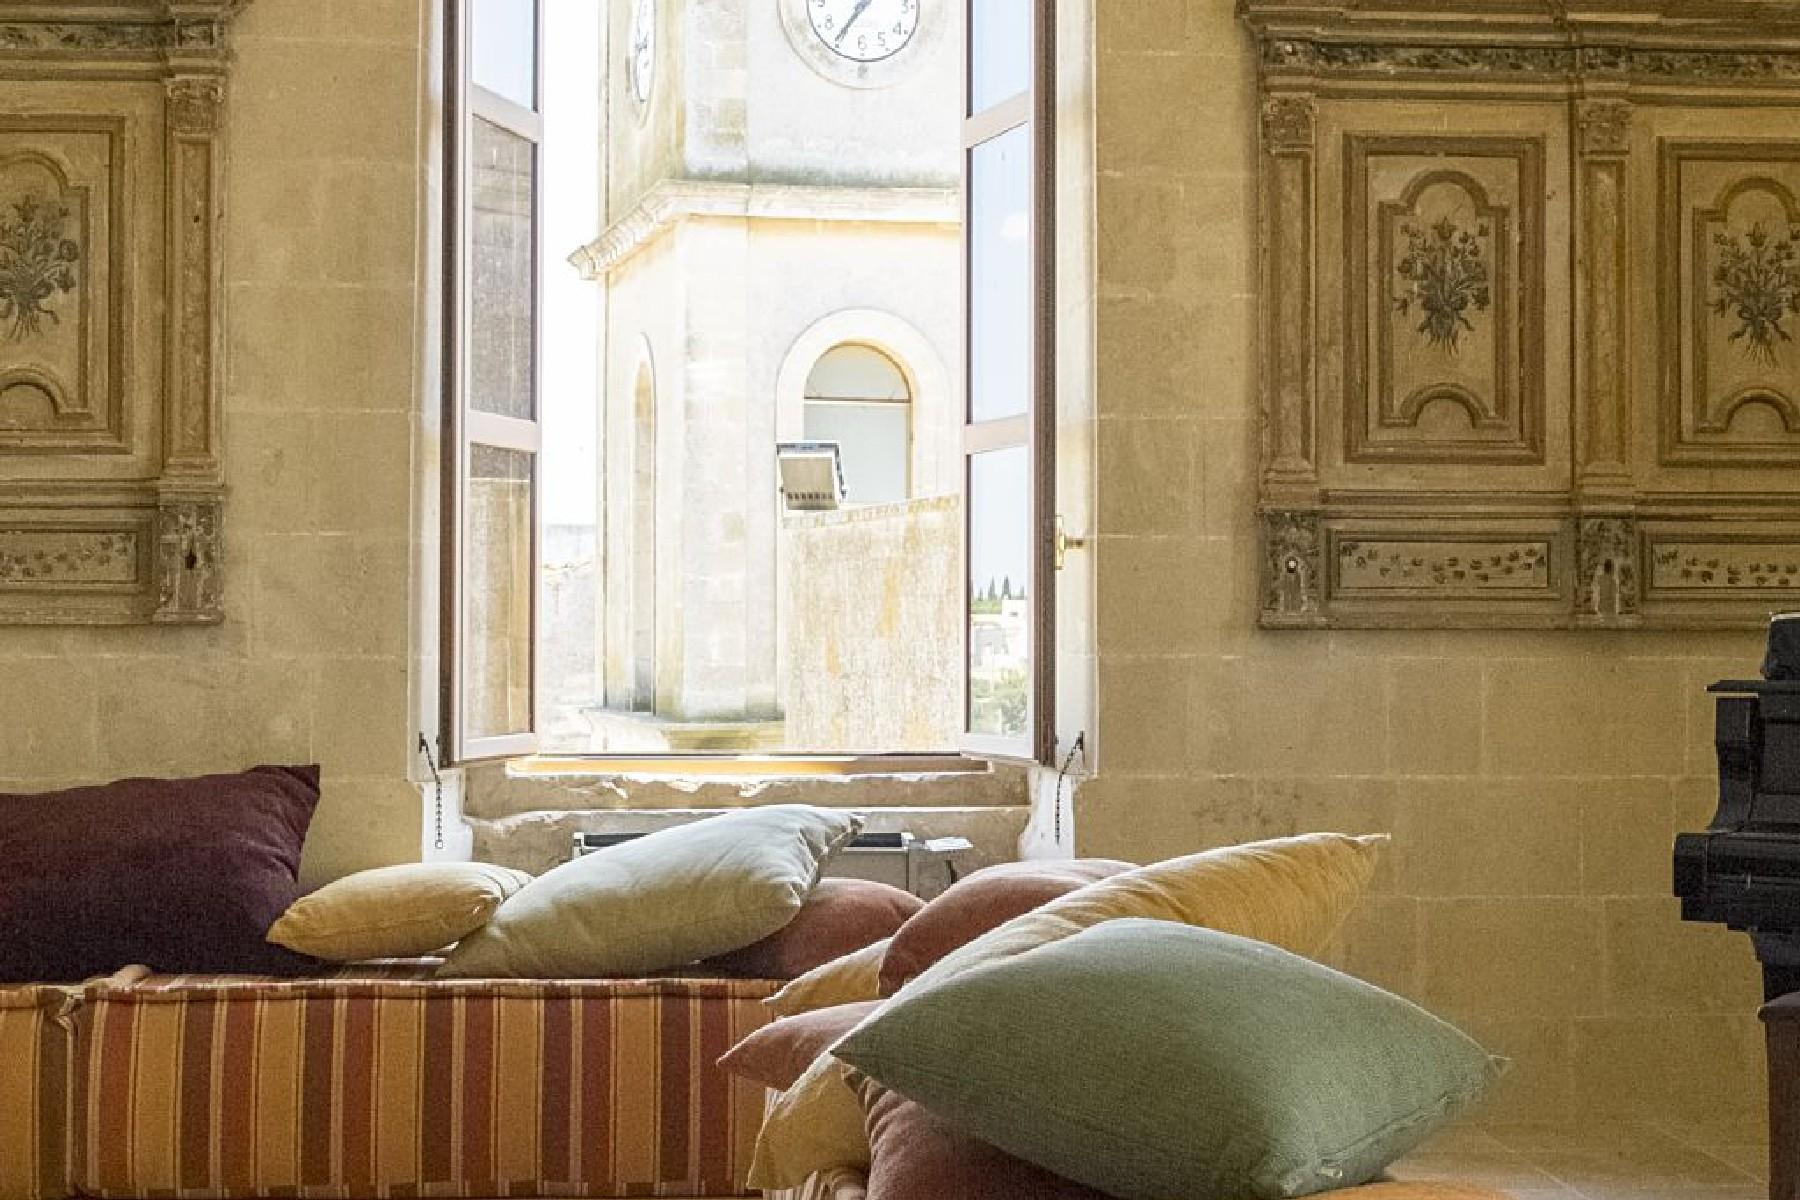 Antico ed imponente Palazzo nelle immediate vicinanze della Lecce barocca - 4